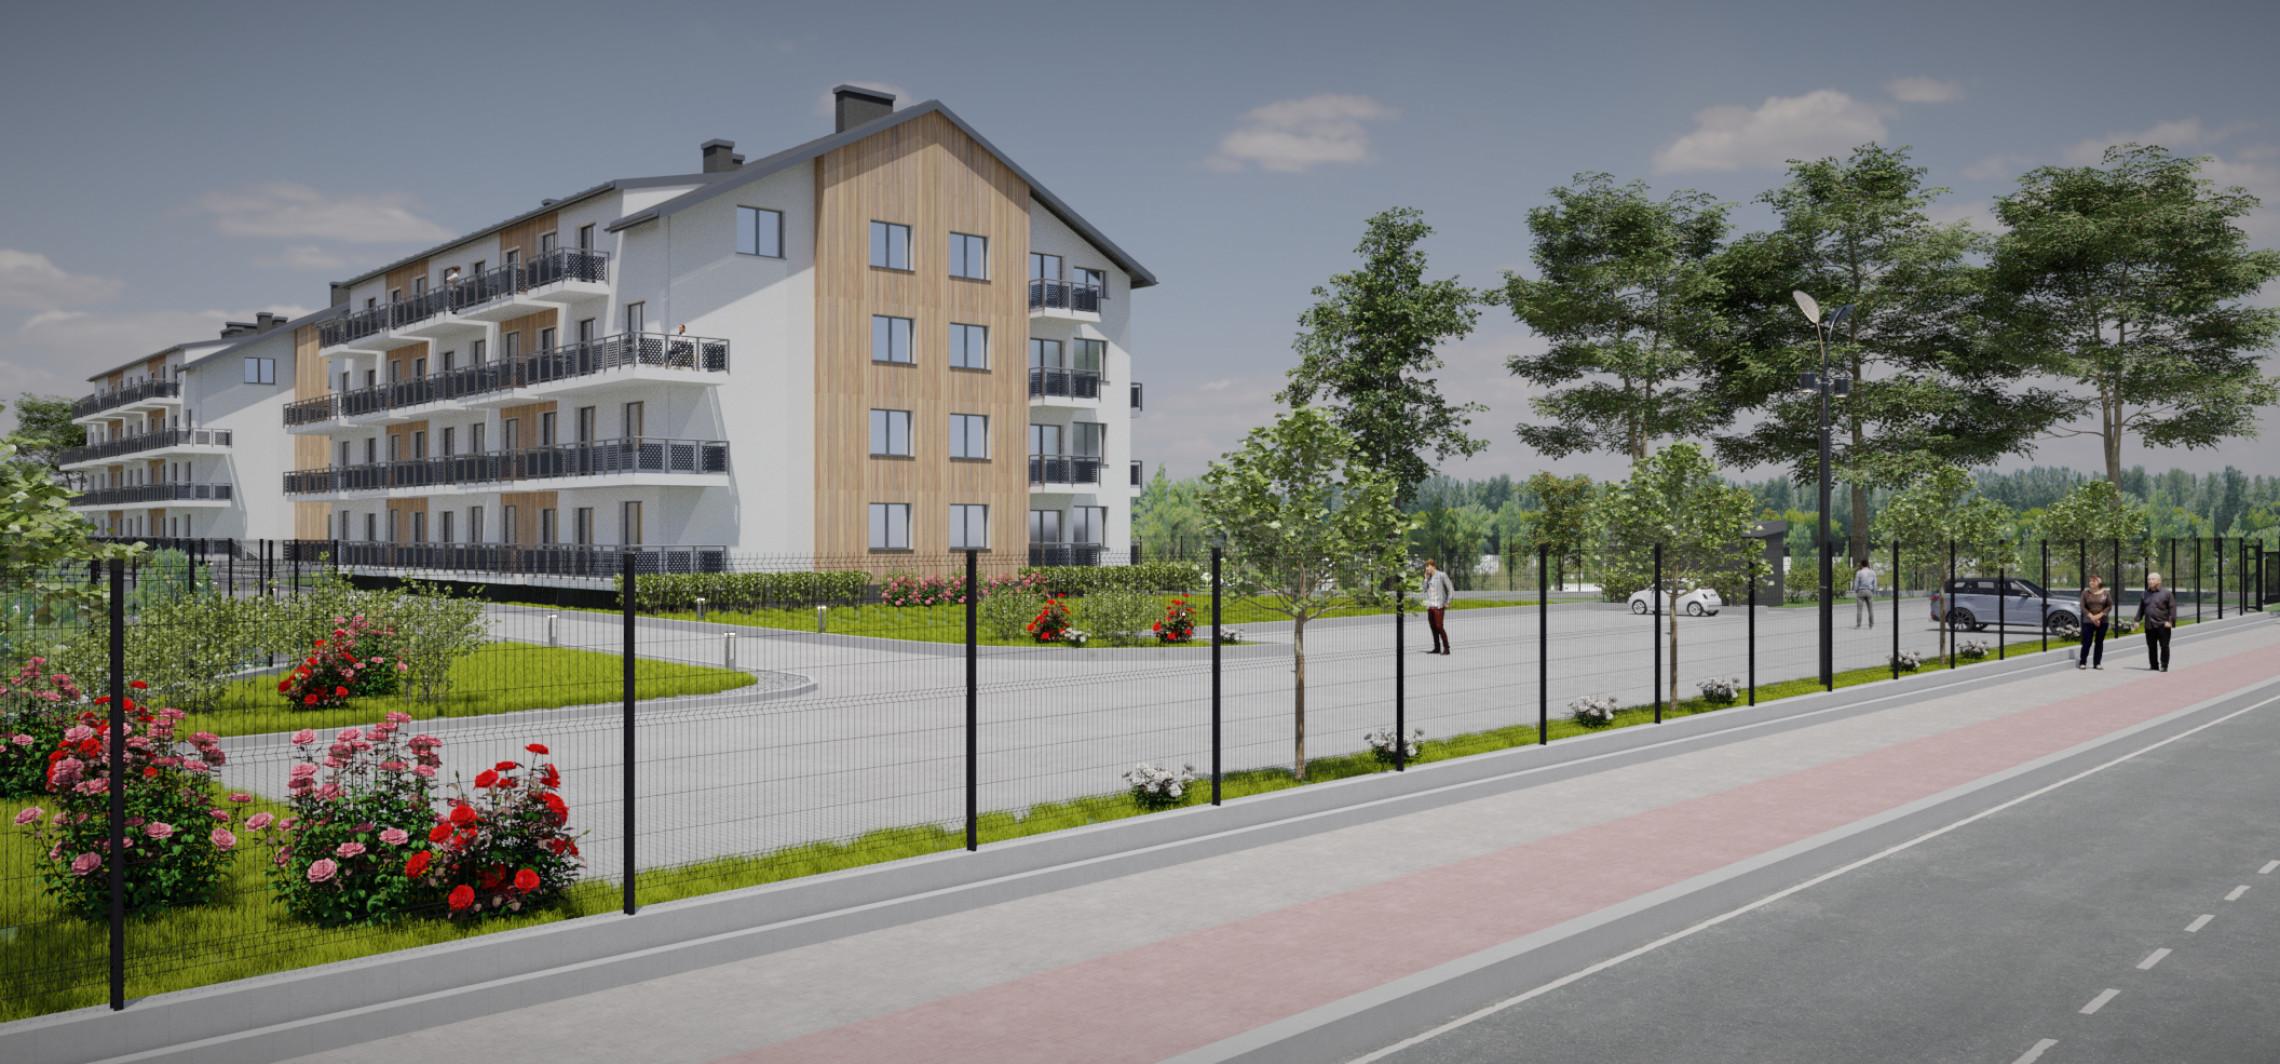 Inowrocław - Aleja Różana. Poznaj nową inwestycję w mieście